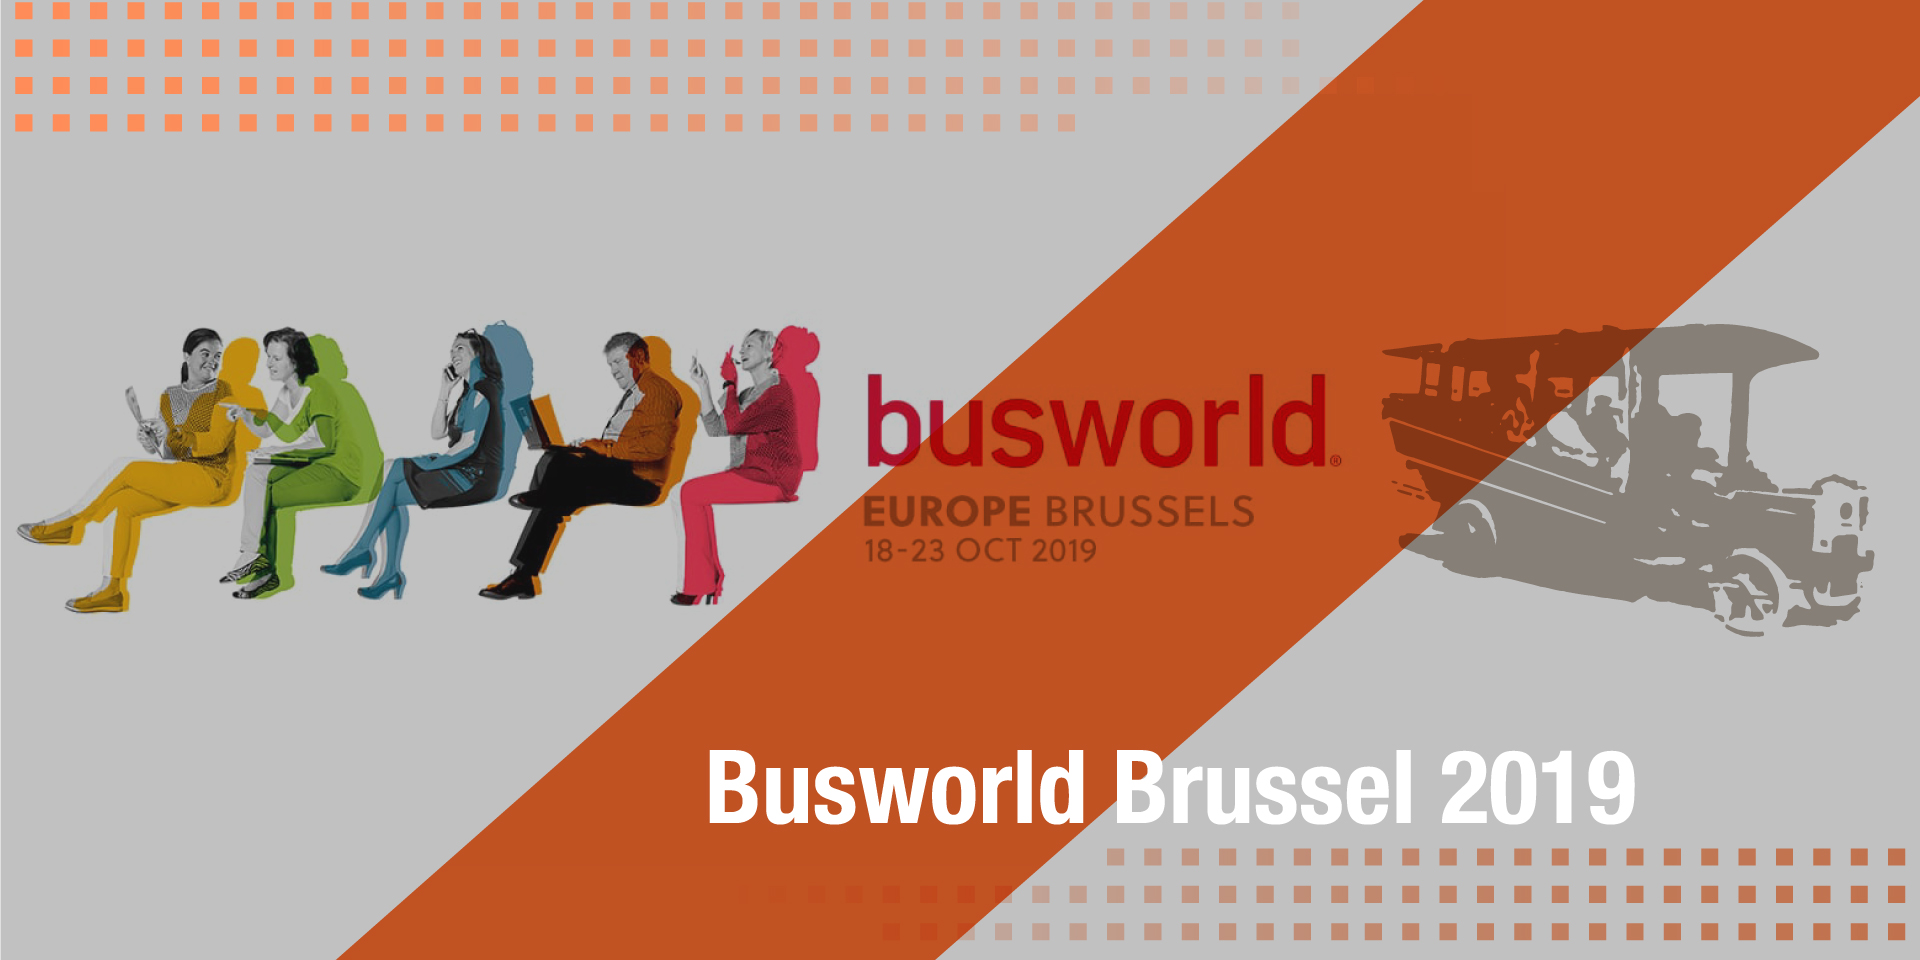 Busworld Brussel 2019